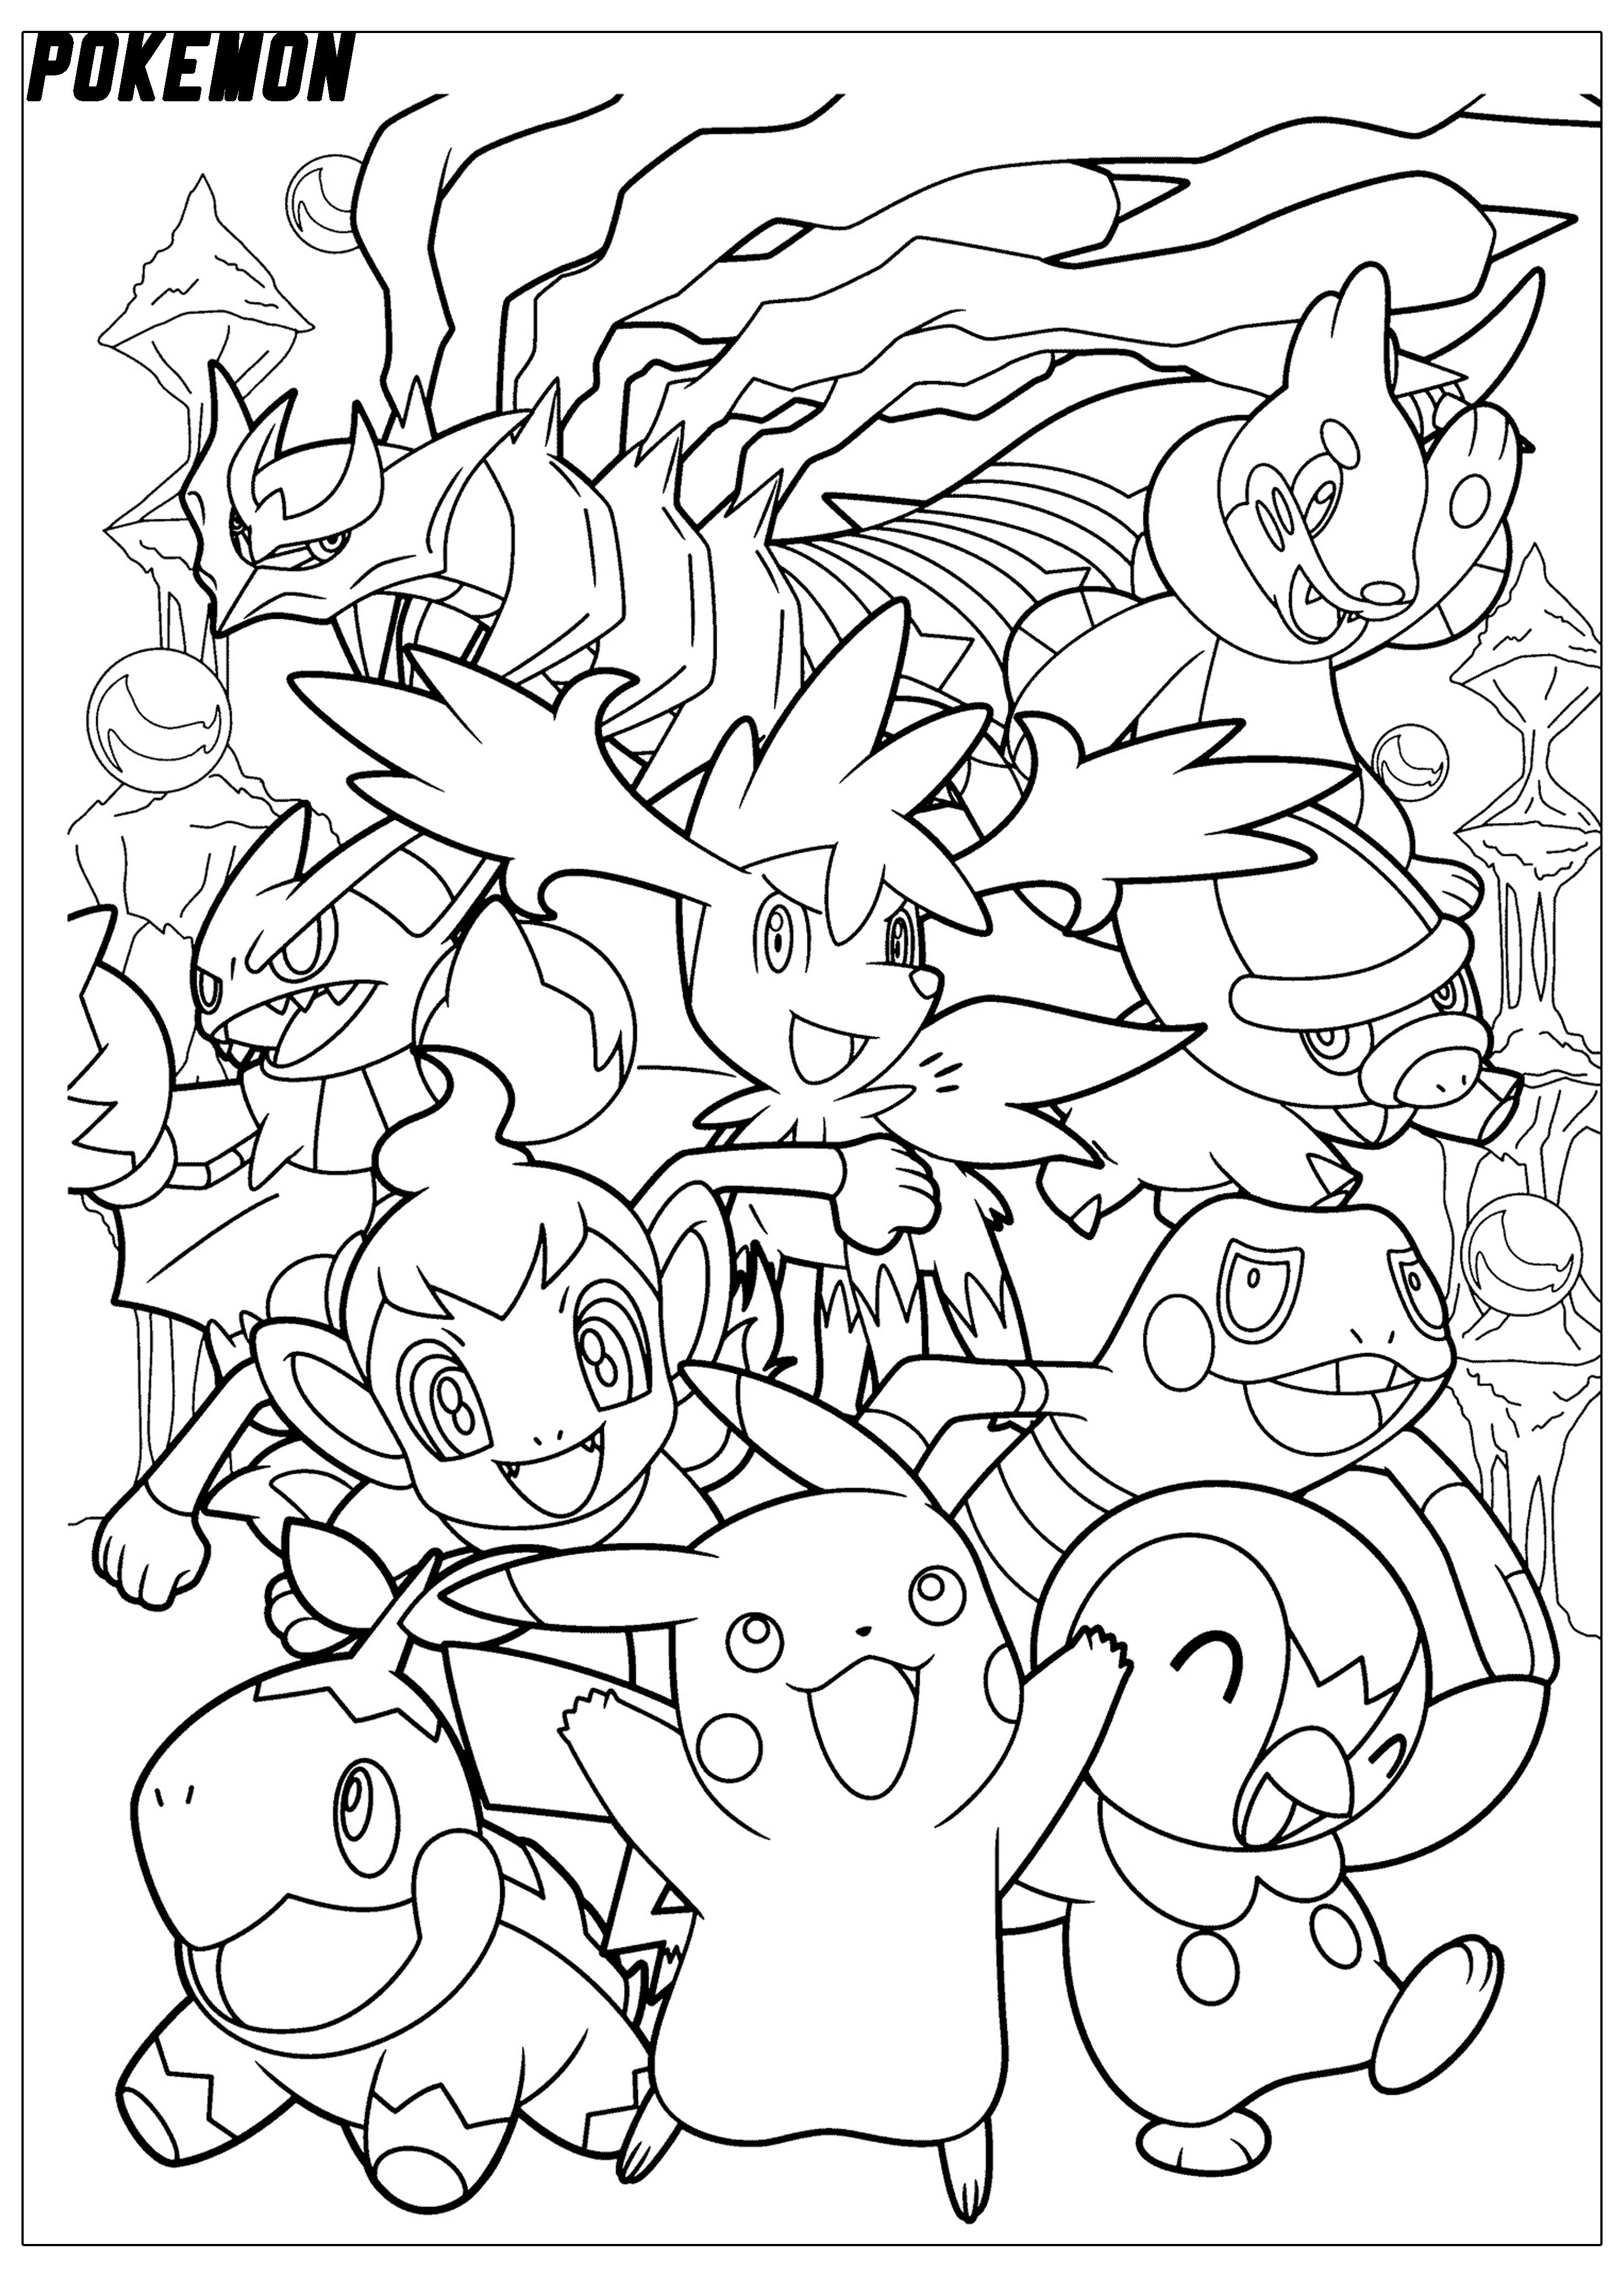 pokemon ausmalbilder kostenlos malvorlagen windowcolor zum